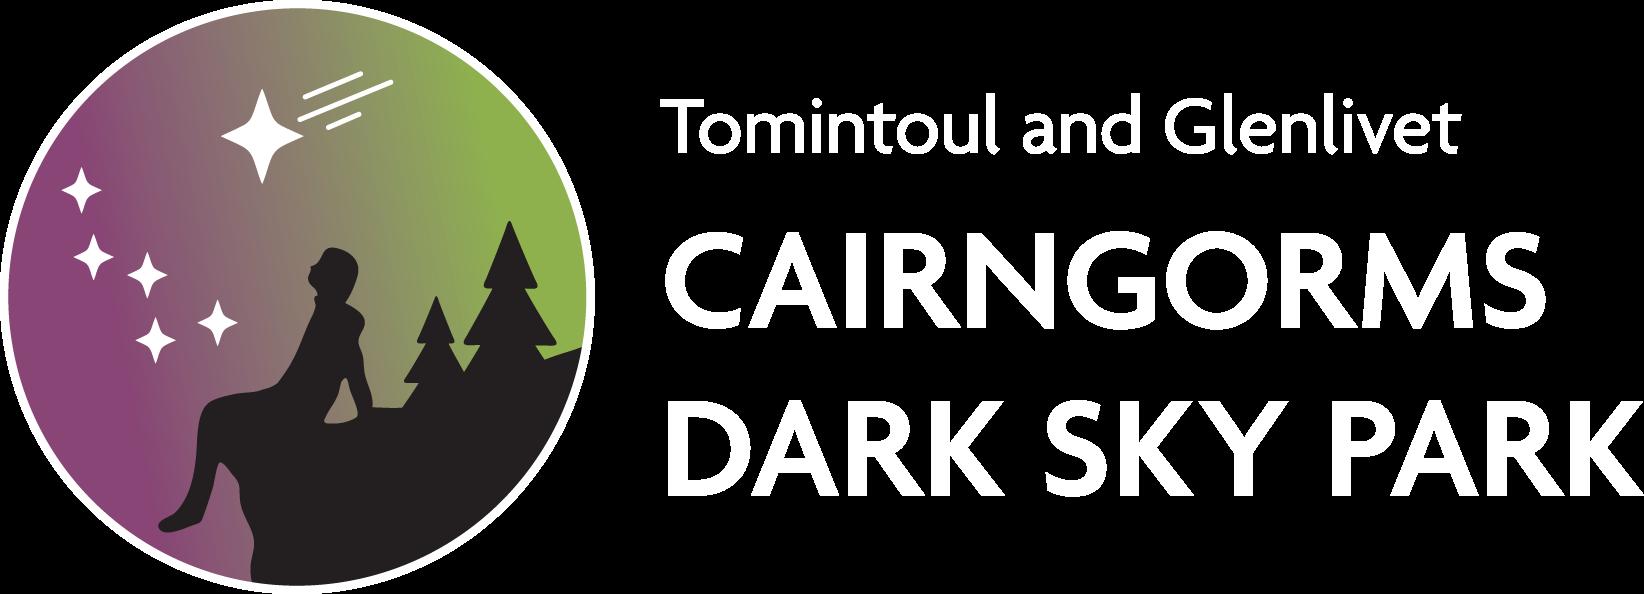 Tomintoul & Glenlivet Cairngorms Dark Sky Park